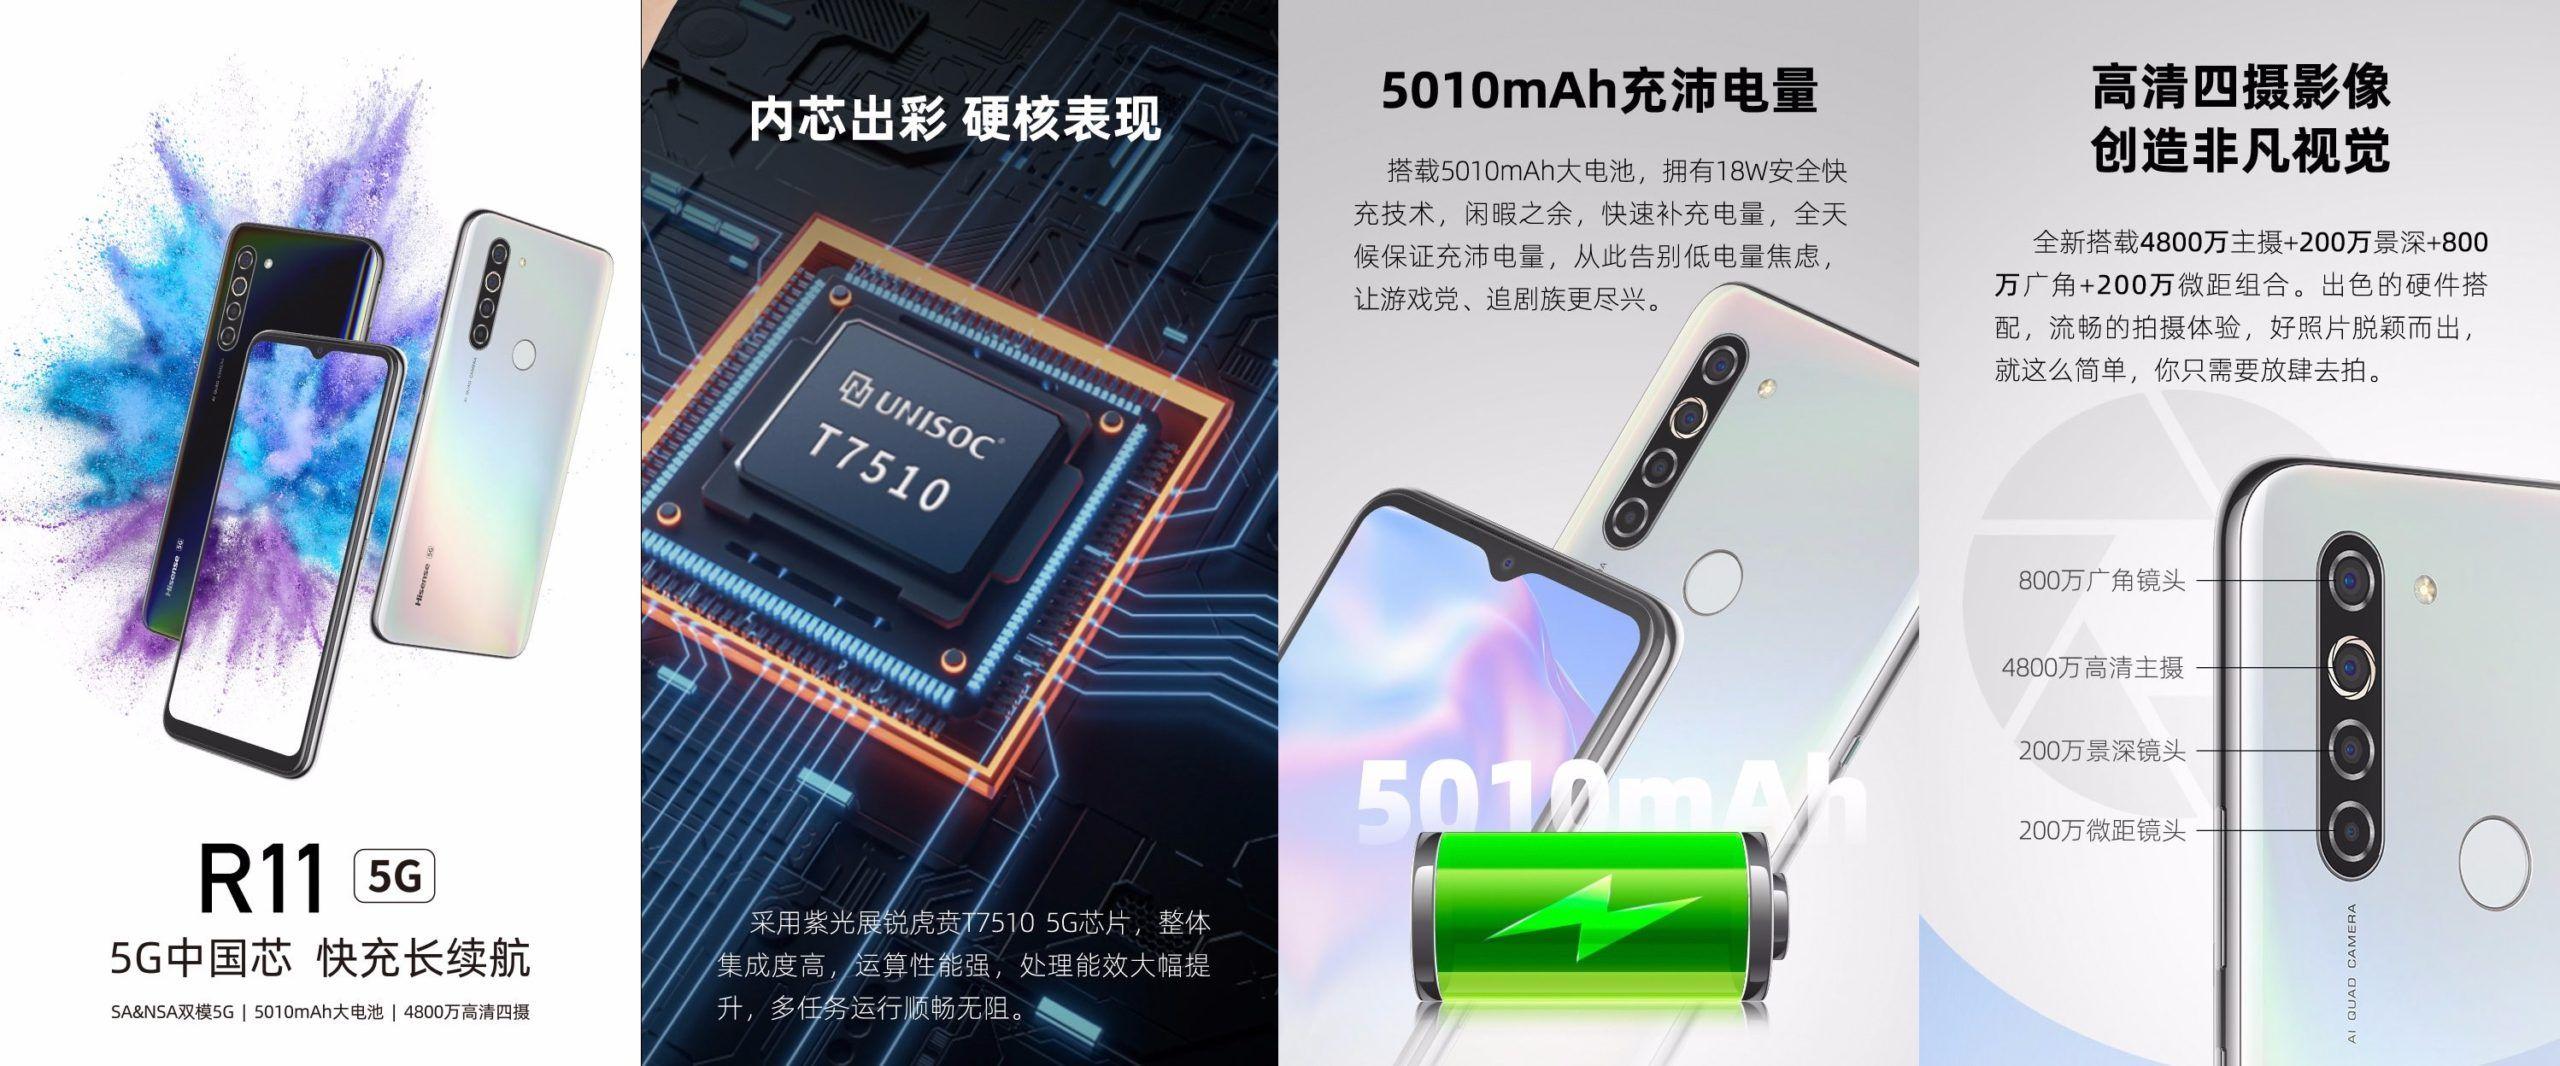 Unisoc T7510を搭載したHisense R11 5Gを発表か、スペックはHisense F50 5Gと全て同じ